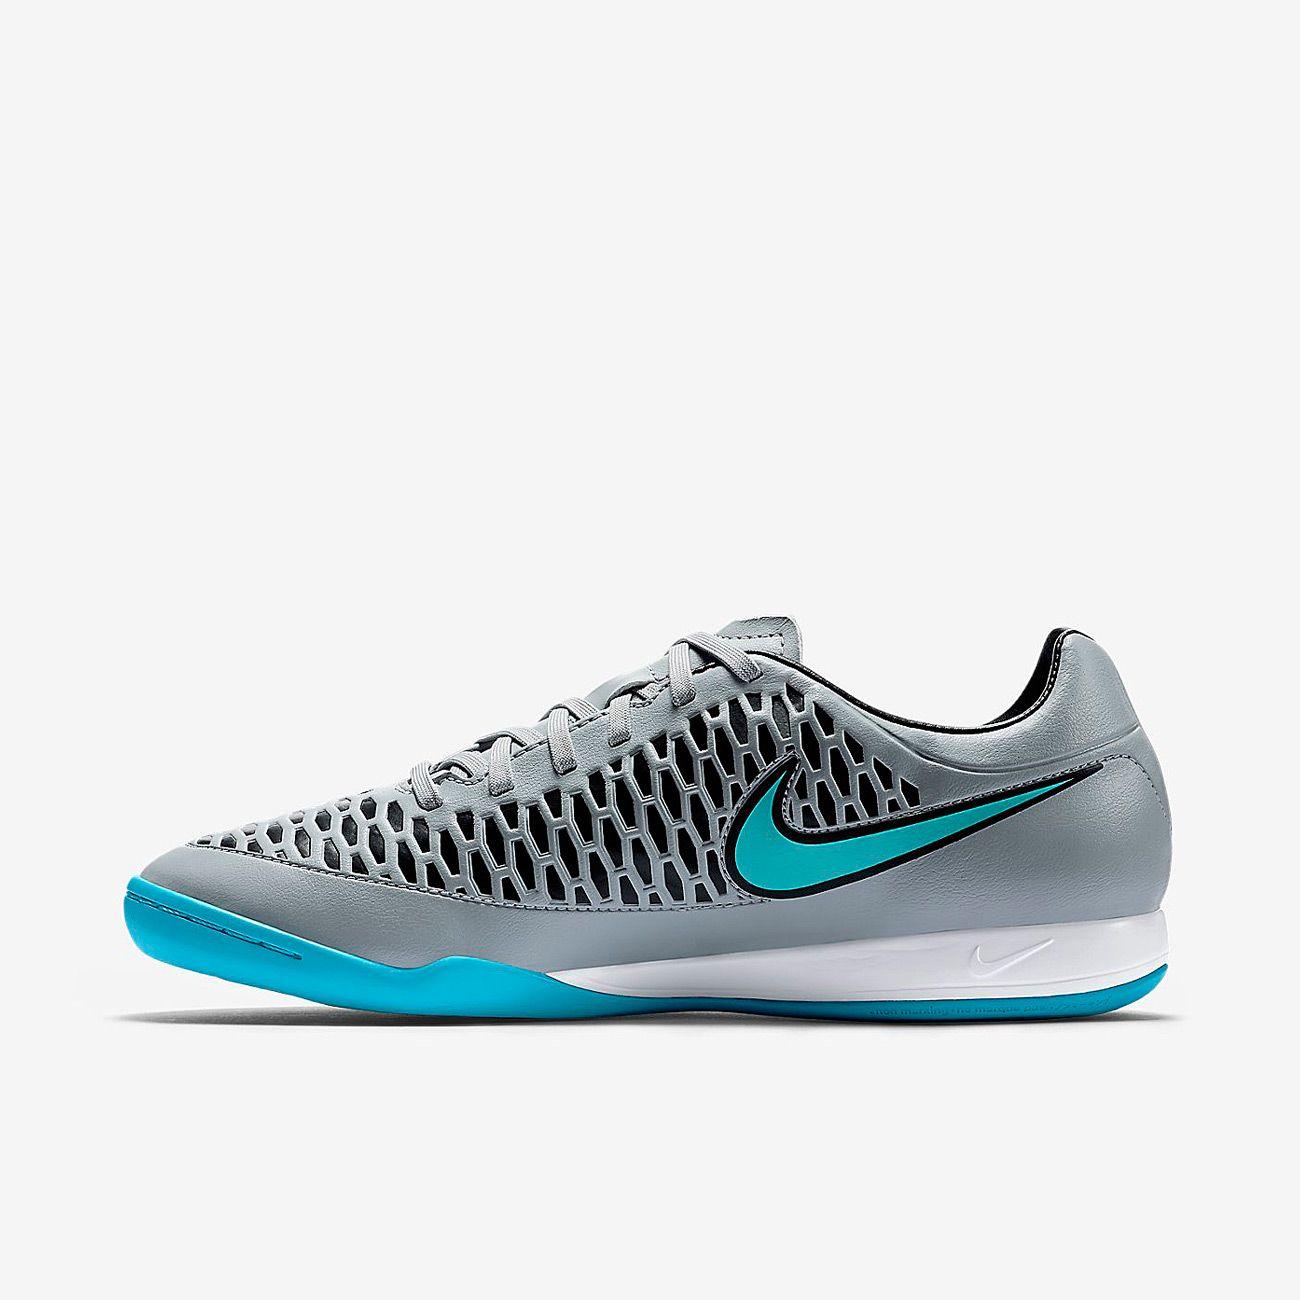 Nike Magista Onda IC | Bazar Desportivo shop online - Calçado, Roupa e  Acessórios para